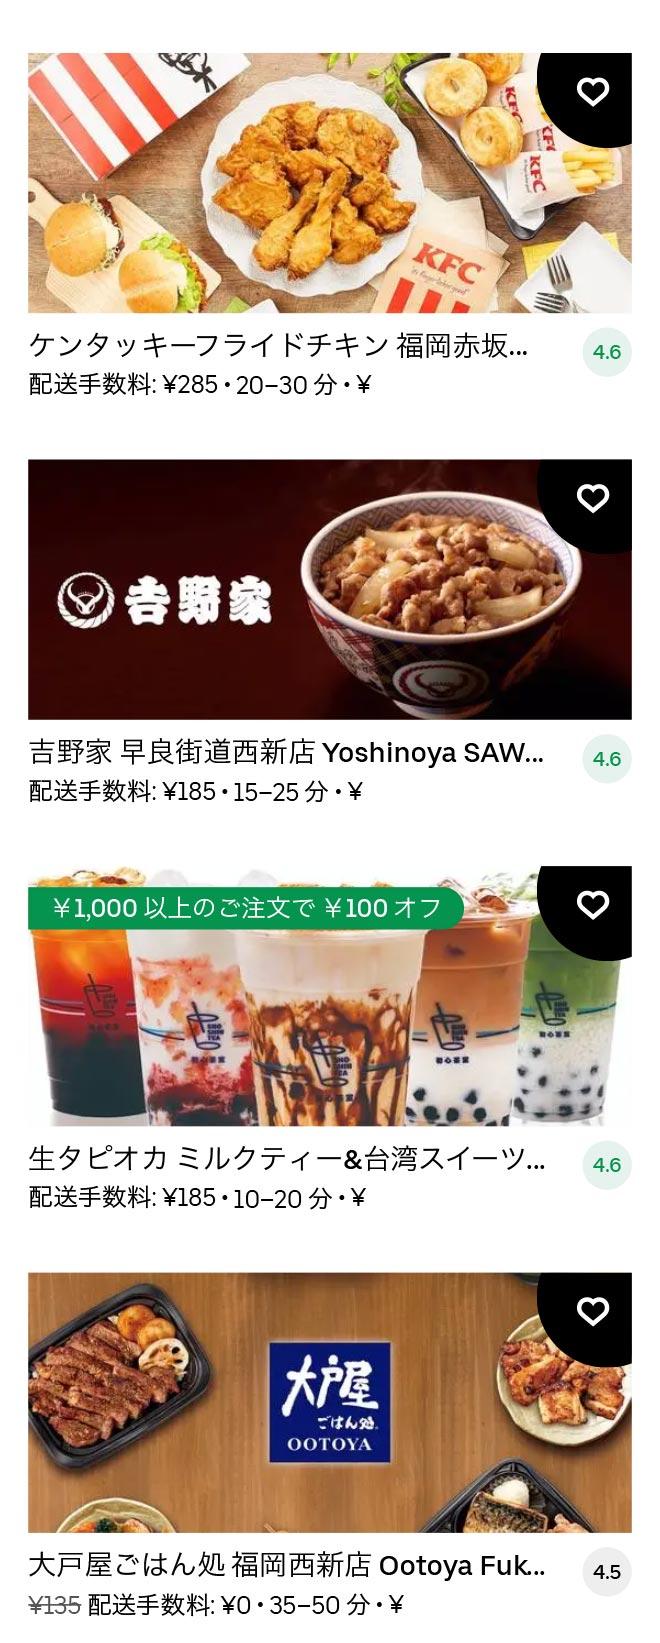 Nishijin menu 2101 02